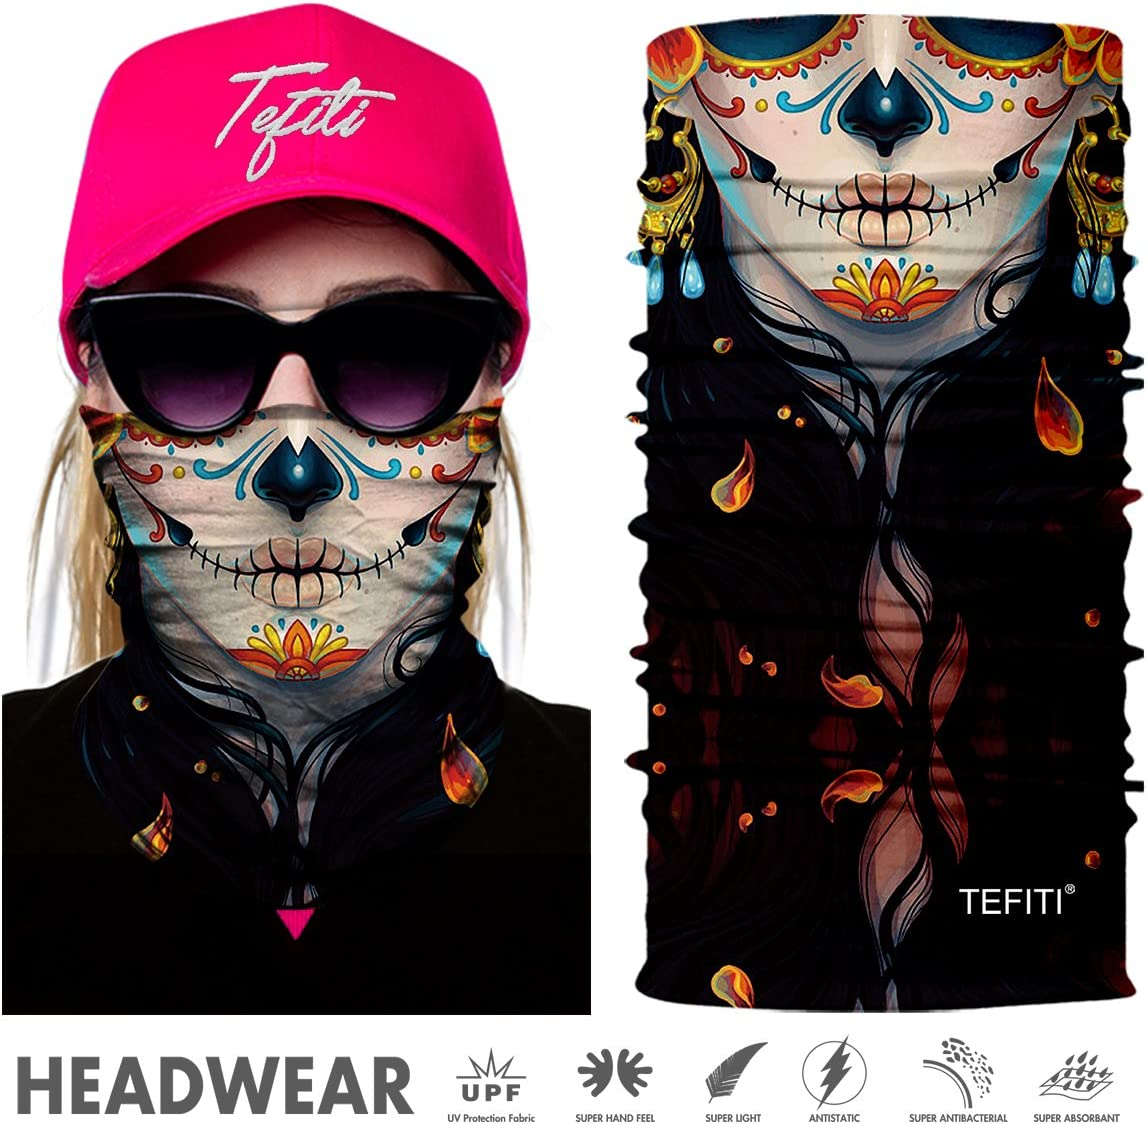 Scaldacollo,Copricapo Multifunzione Italia Italy Italian Flag Neck Warmer Gaiter Fleece Ski Face Mask Cover for Winter